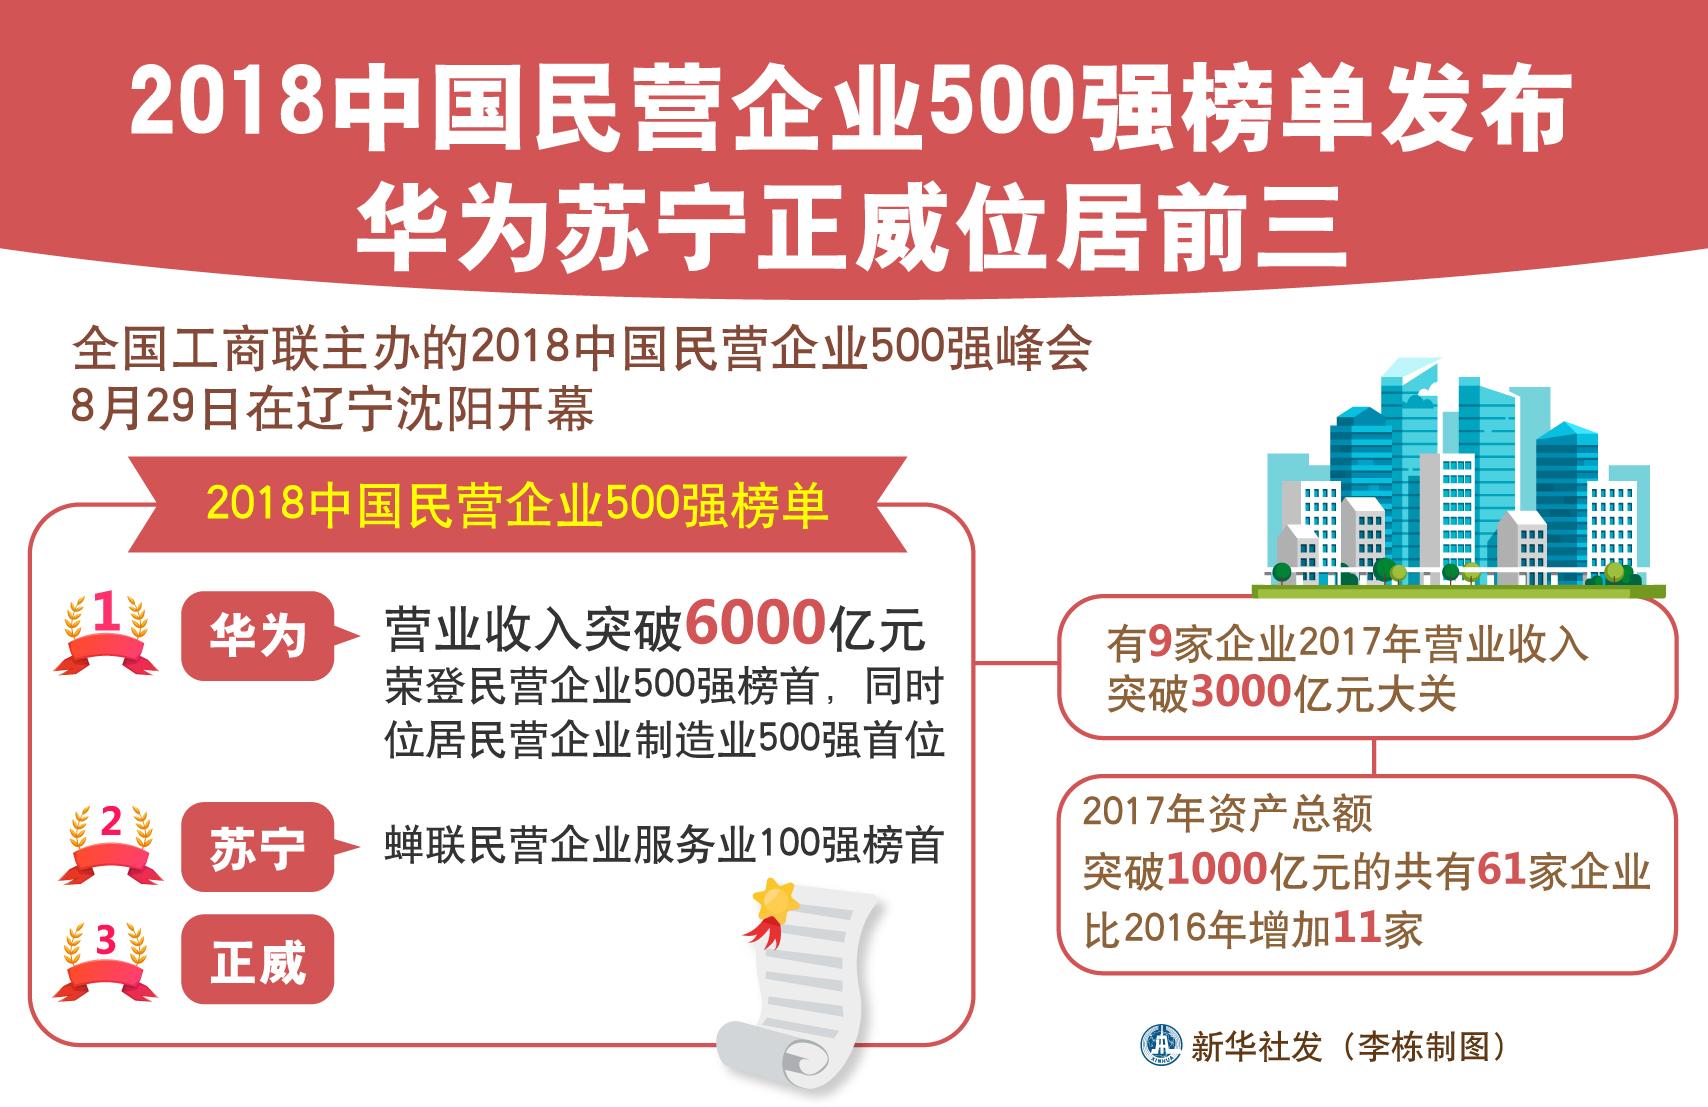 安青松:推动证券业更好服务民营经济高质量发展